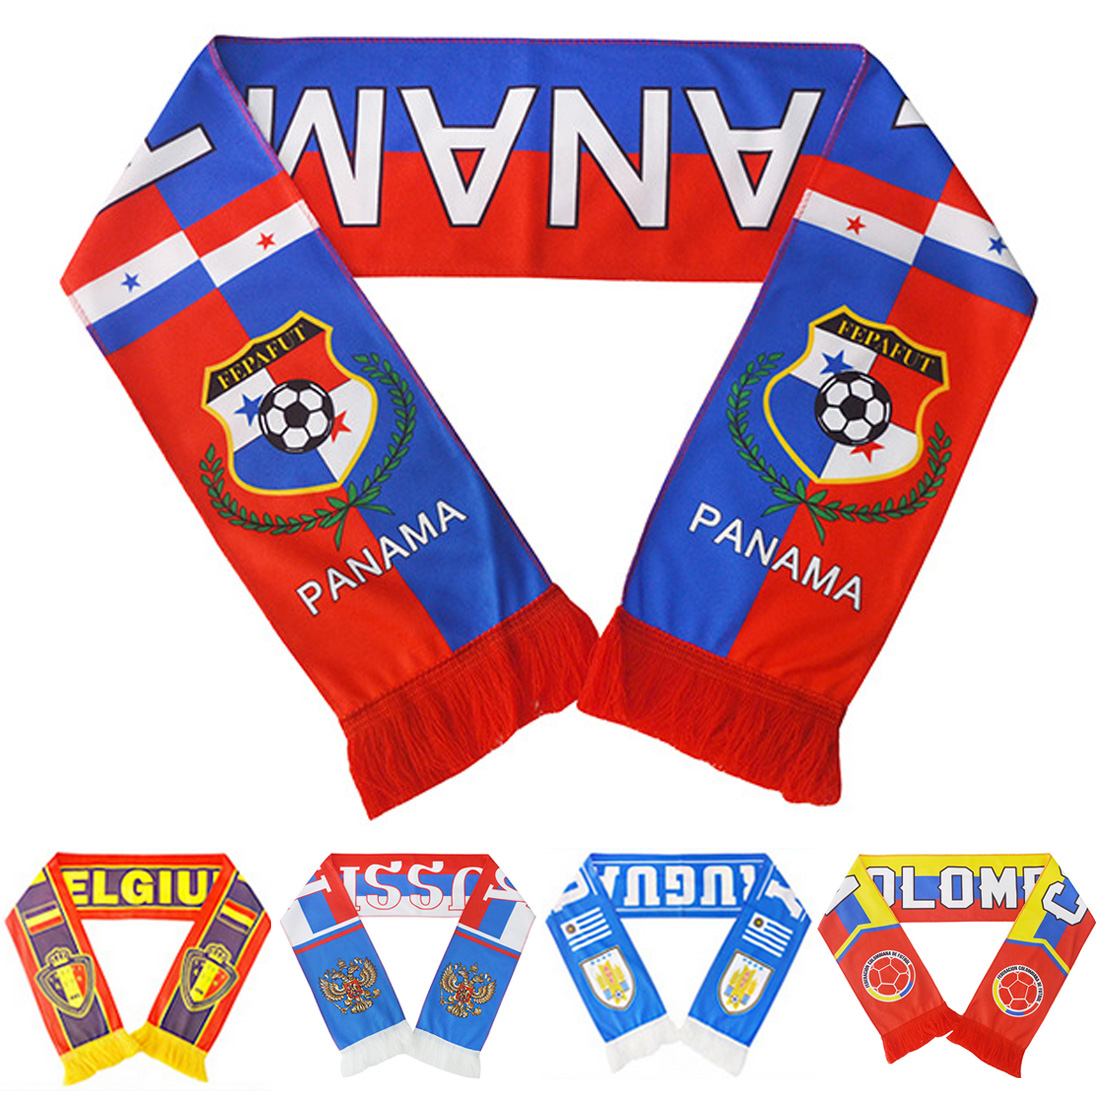 1 PC Football Scarf Soccer Ball Fan Scarf Bola De Futebol 12 Teams Flag Banner Futebol Cheerleaders Scarf